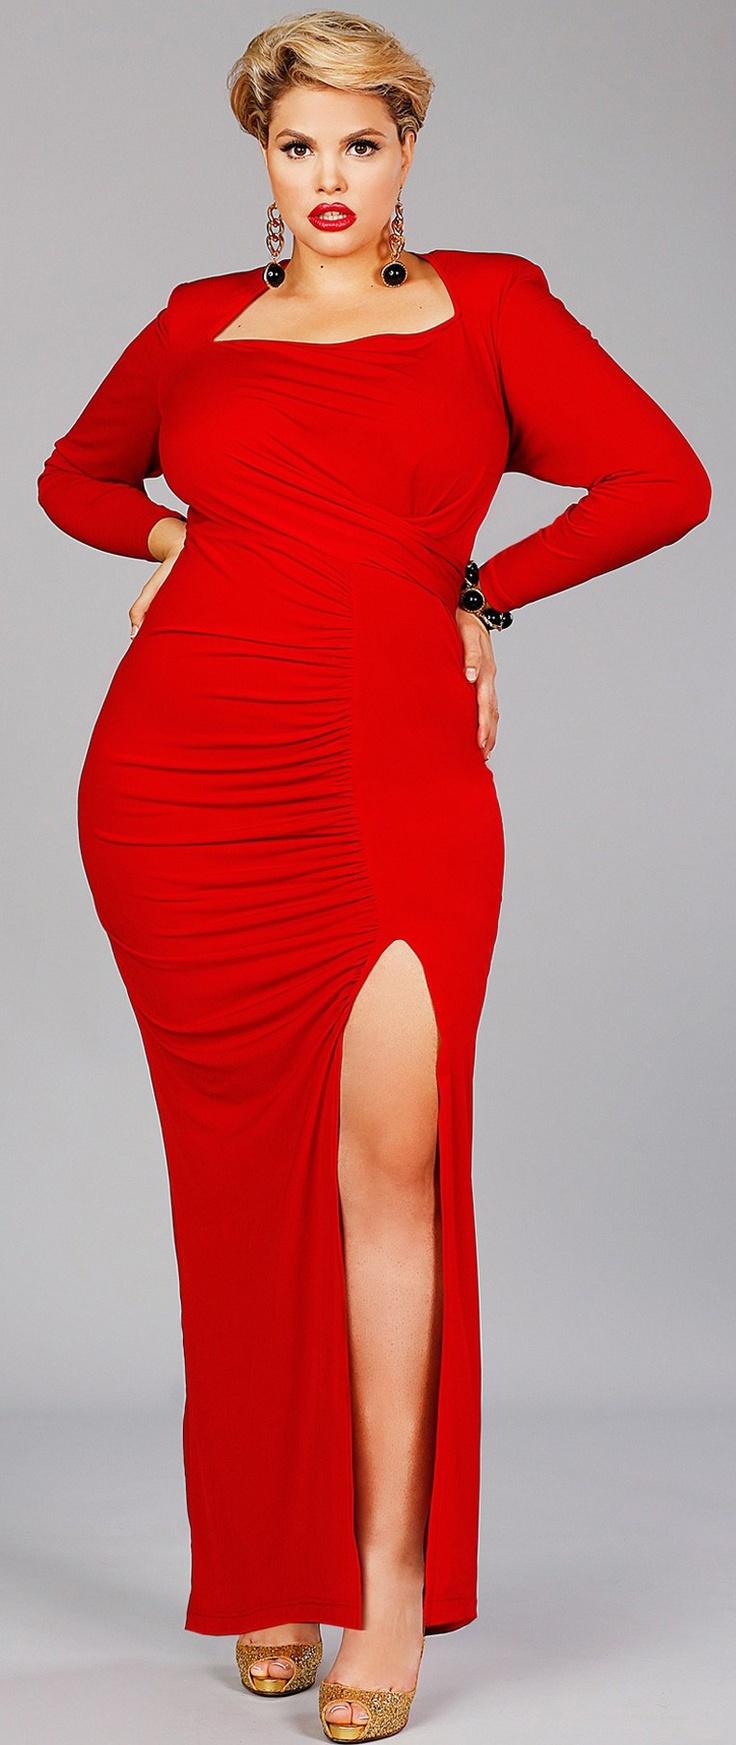 Red dress  Plus size Fashion Sense  Pinterest